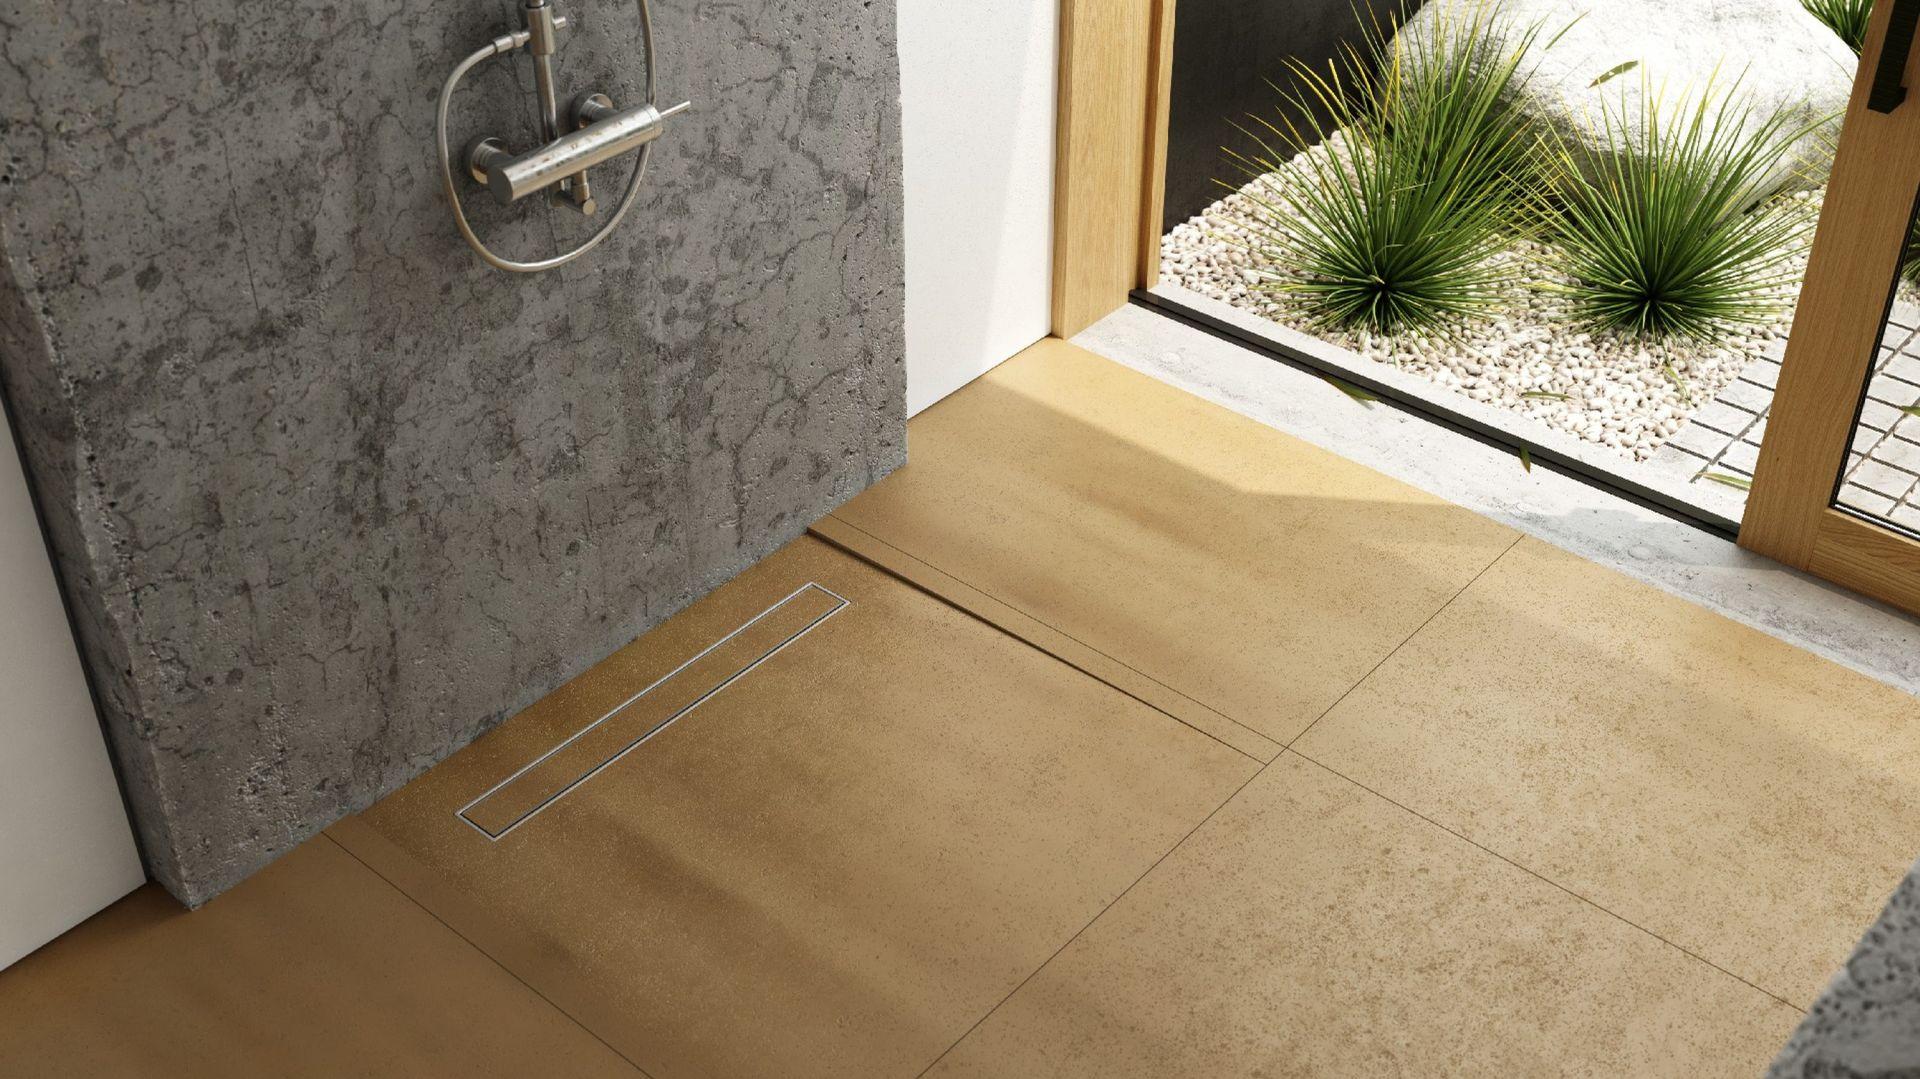 Dzięki zrównaniu wysokości brodzika z podłogą uzyskujemy jeden poziom w łazience, tworząc niczym nie zaburzoną, minimalistyczną i jednocześnie przestronną przestrzeń aranżacyjną. Odpływ liniowy Smooth Low. Fot. Schedpol